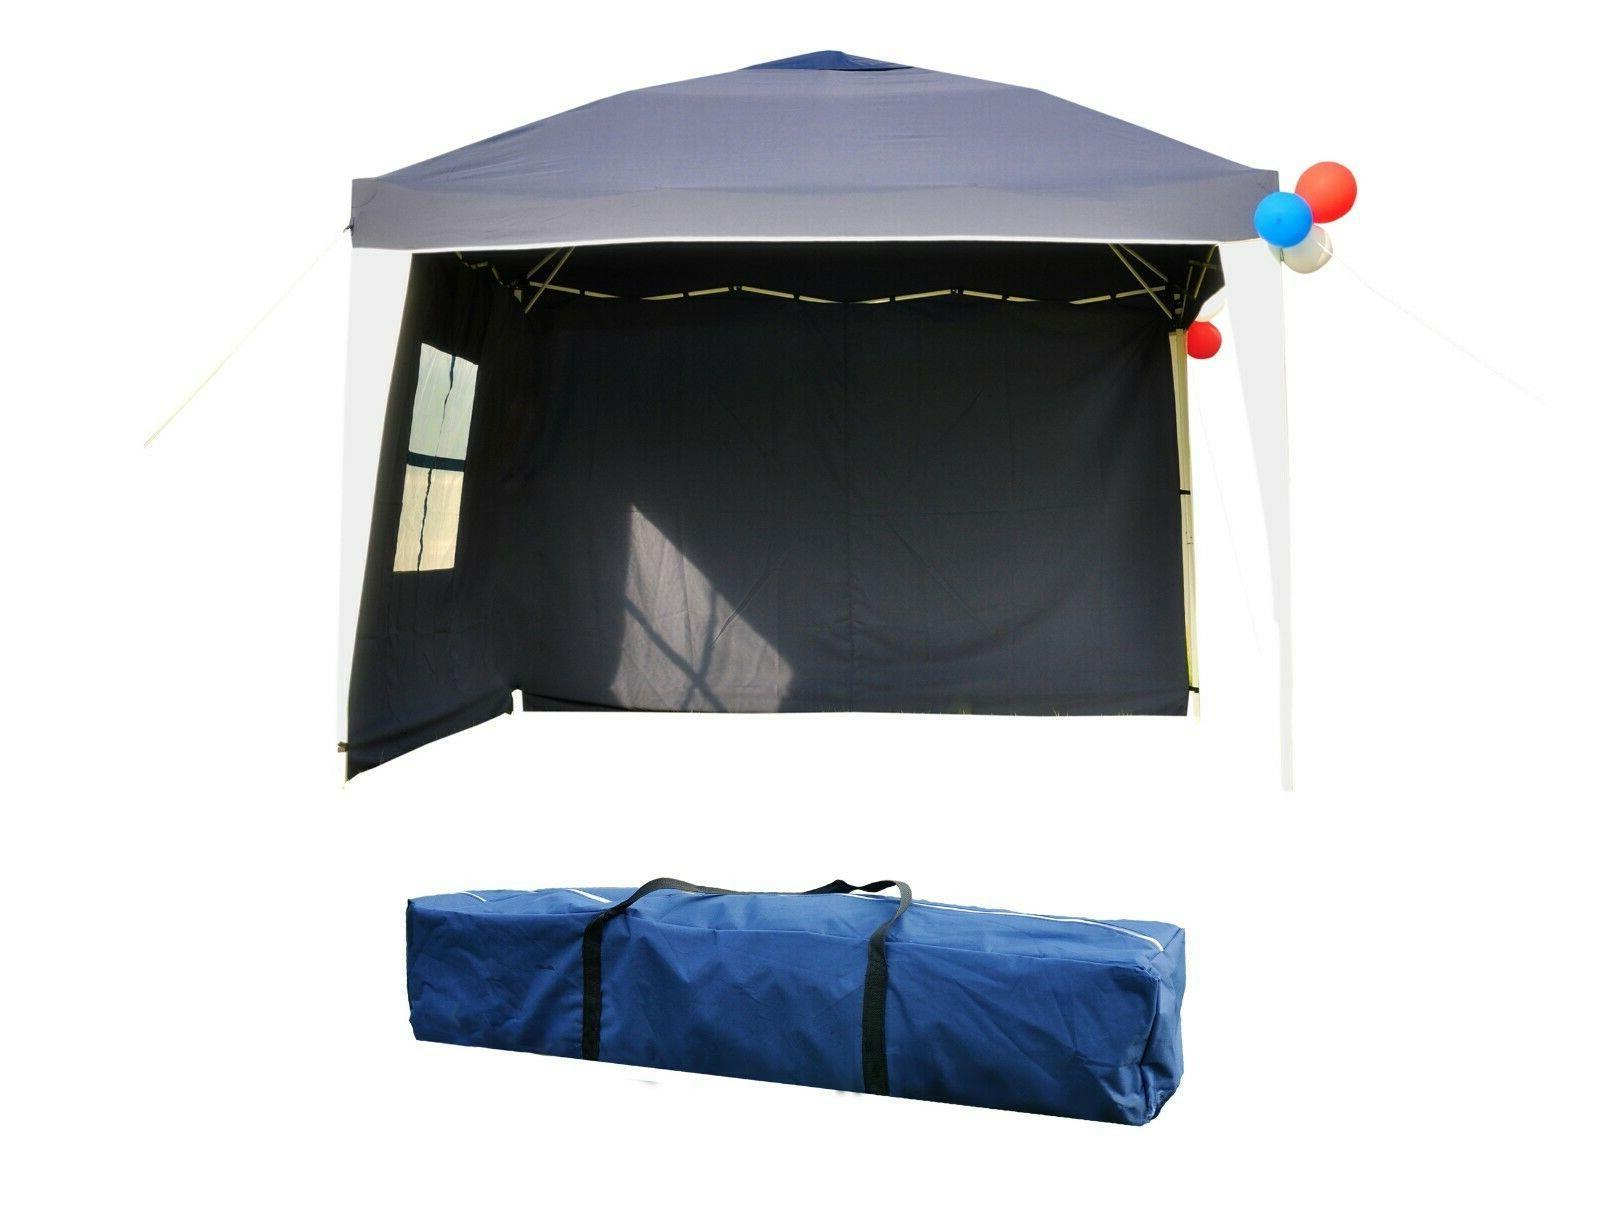 10x10 heavy duty instant canopy ez pop